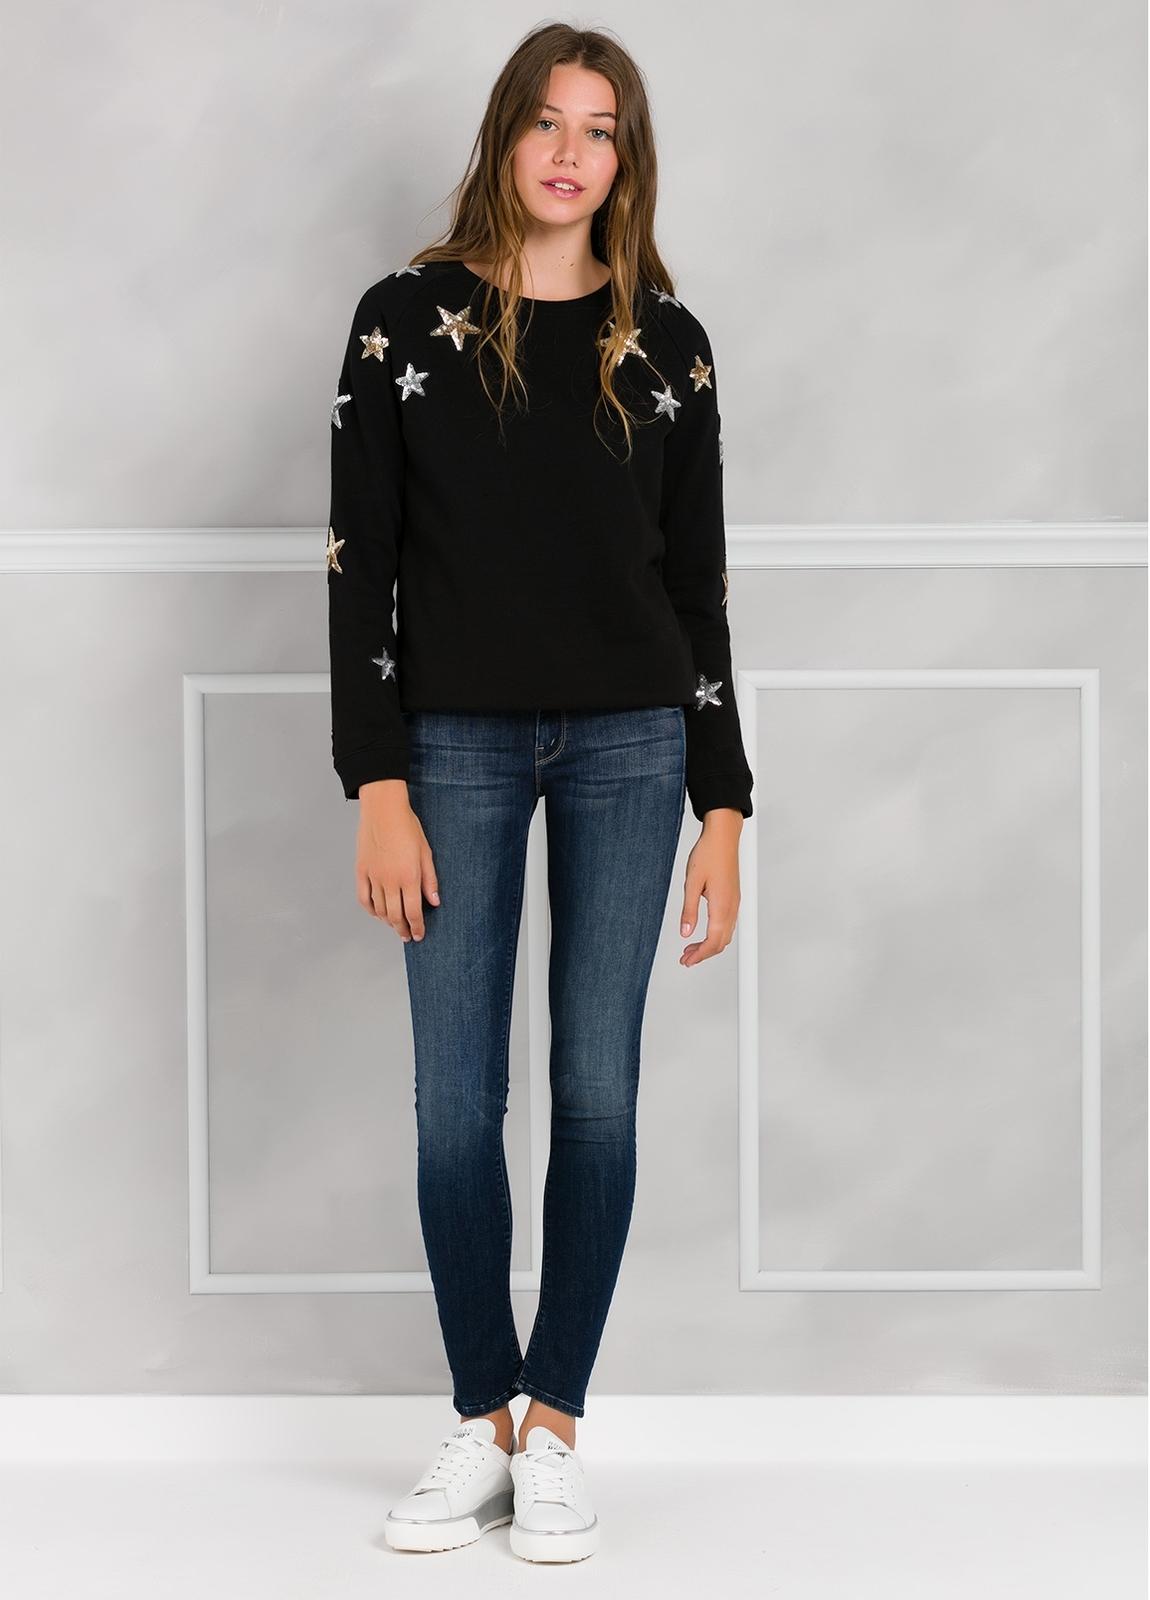 Jersey color negro con estrellas de lentejuelas bordadas. 100% Algodón. - Ítem1